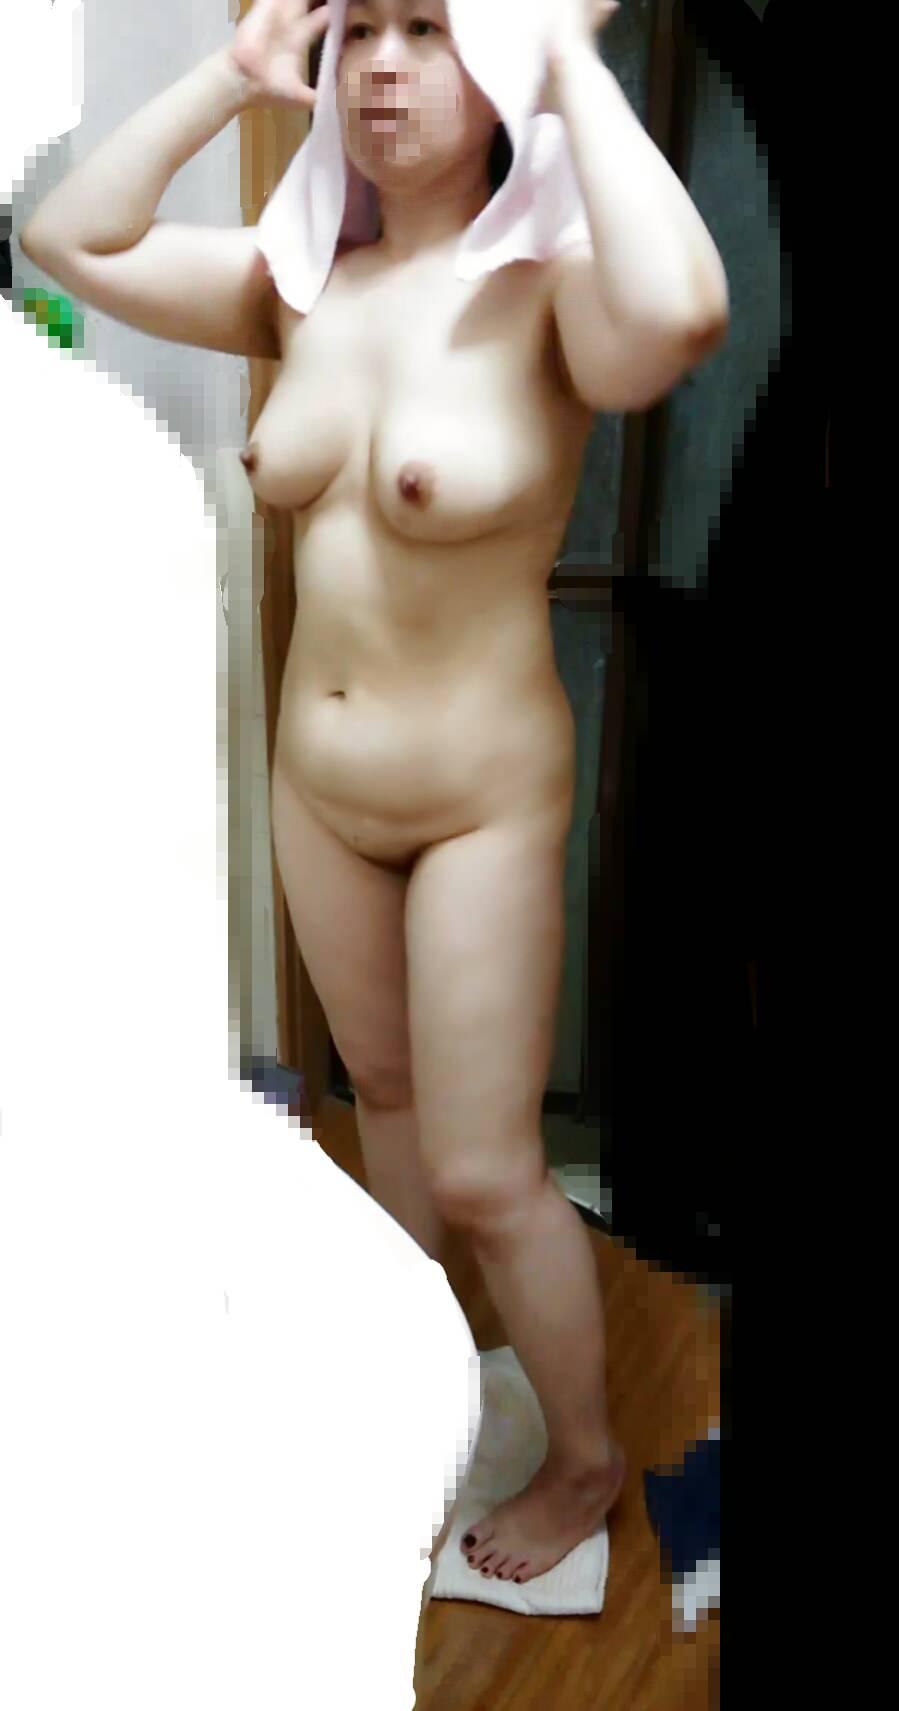 ワイの妻を家庭内でガチ盗み撮りwwwお風呂タイムがマジで狙い目www 0408